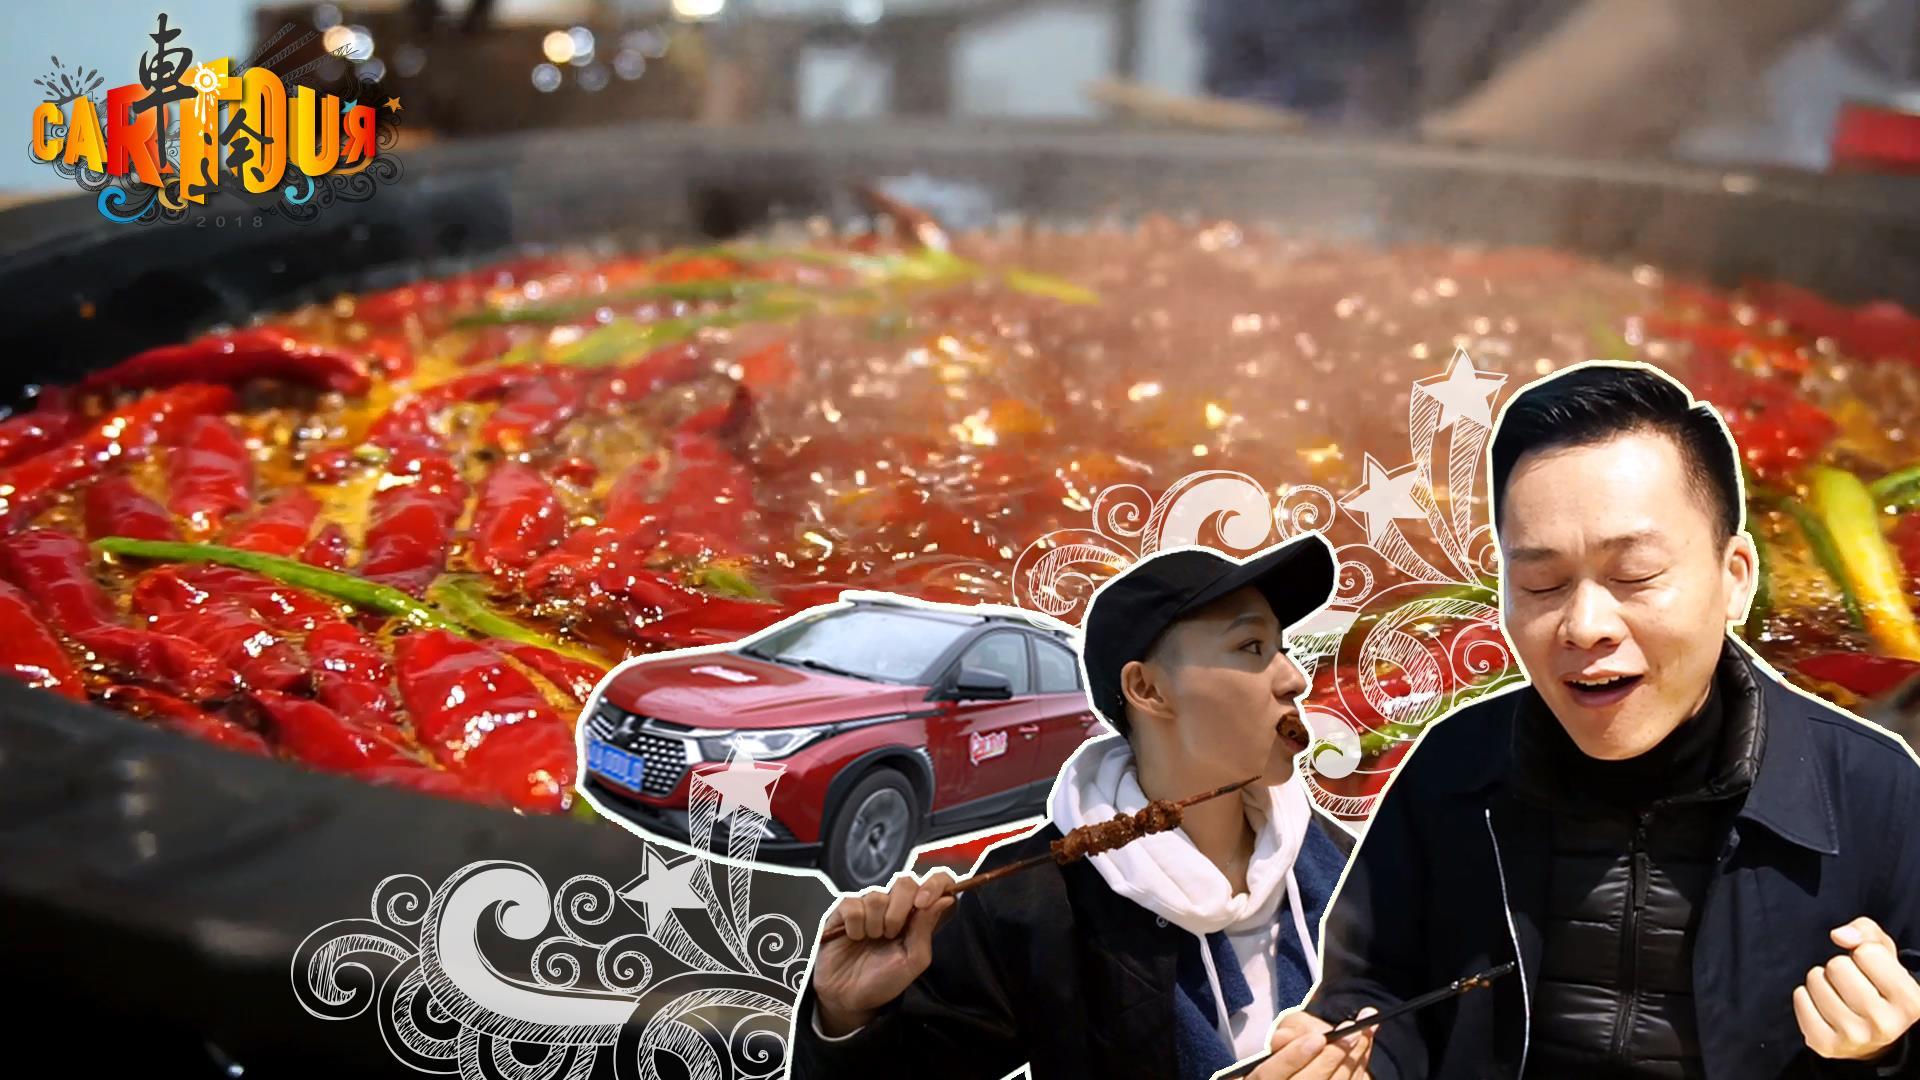 重庆和成都舌尖上有什么不一样?(上)| 车途